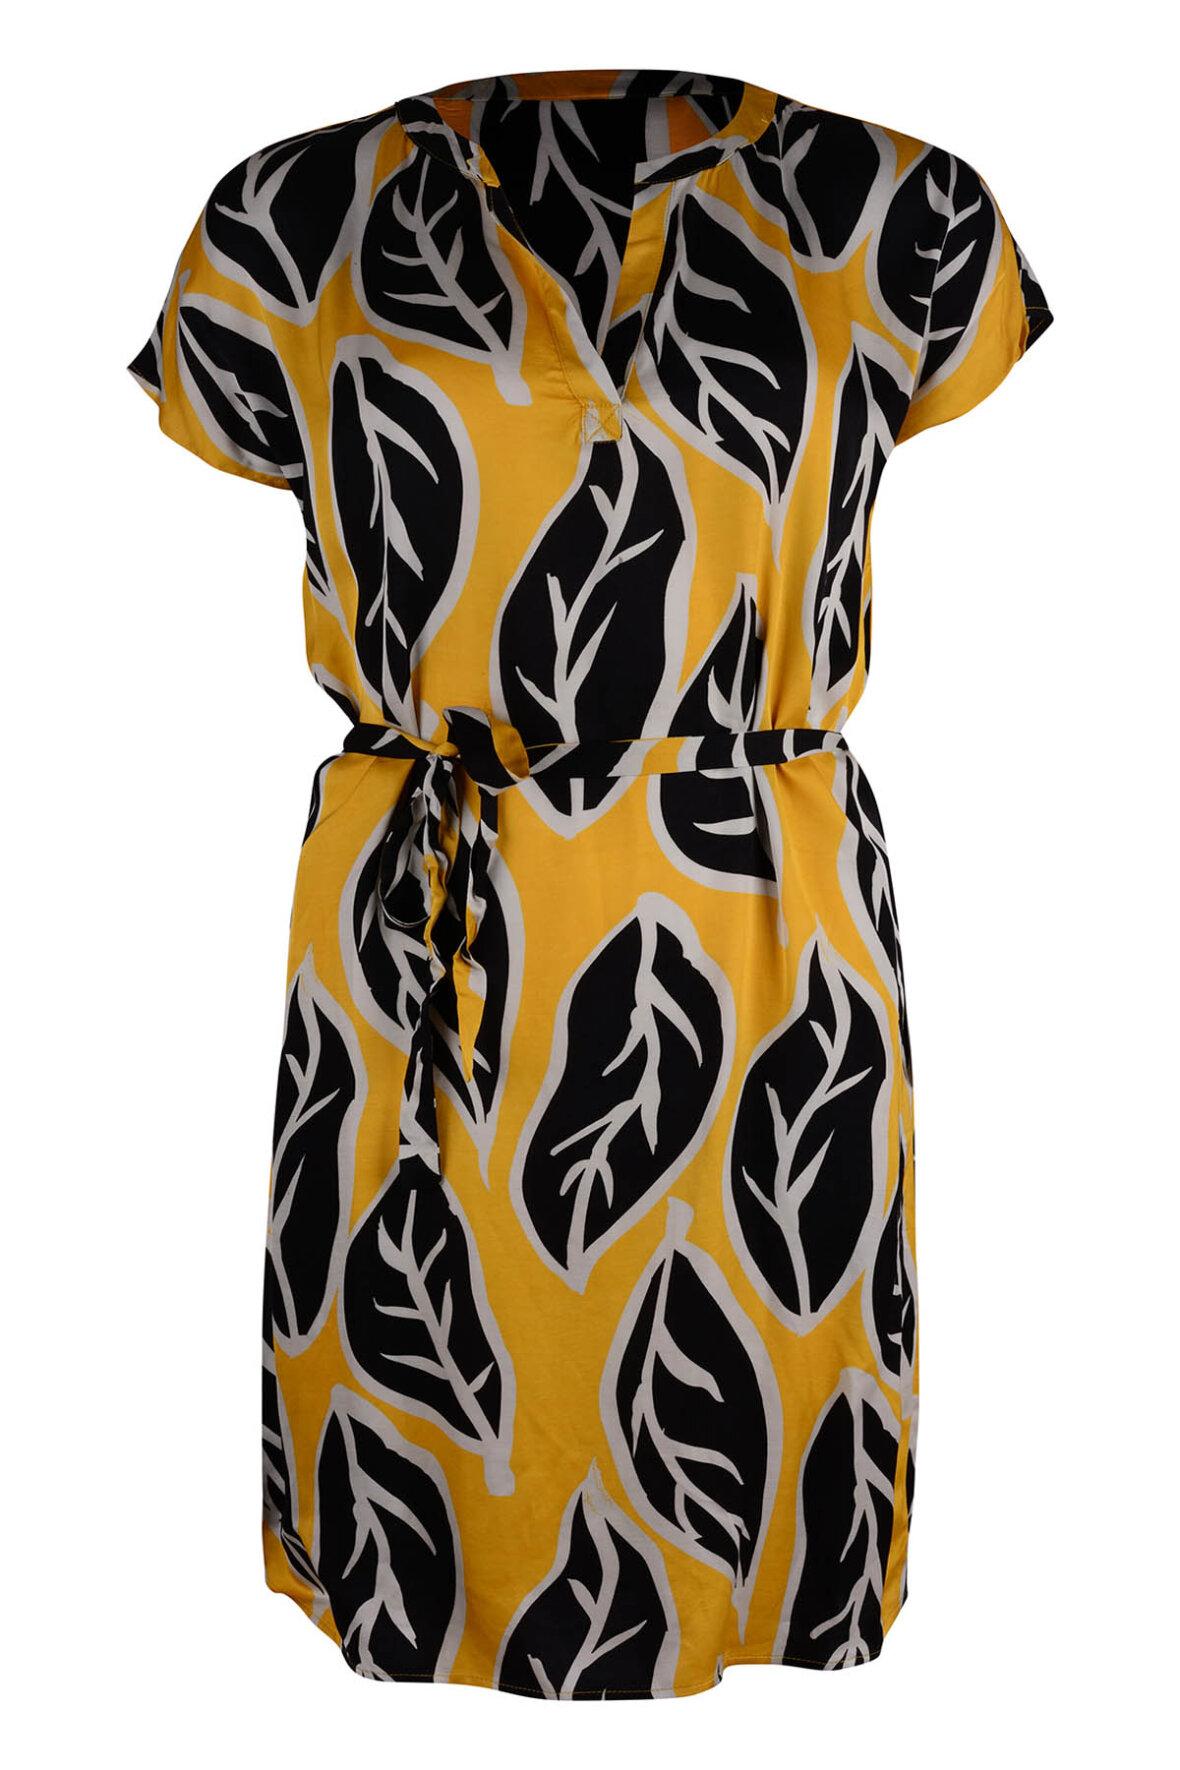 SoyaConcept vava kjole i sommer kvalitet flere farver og med